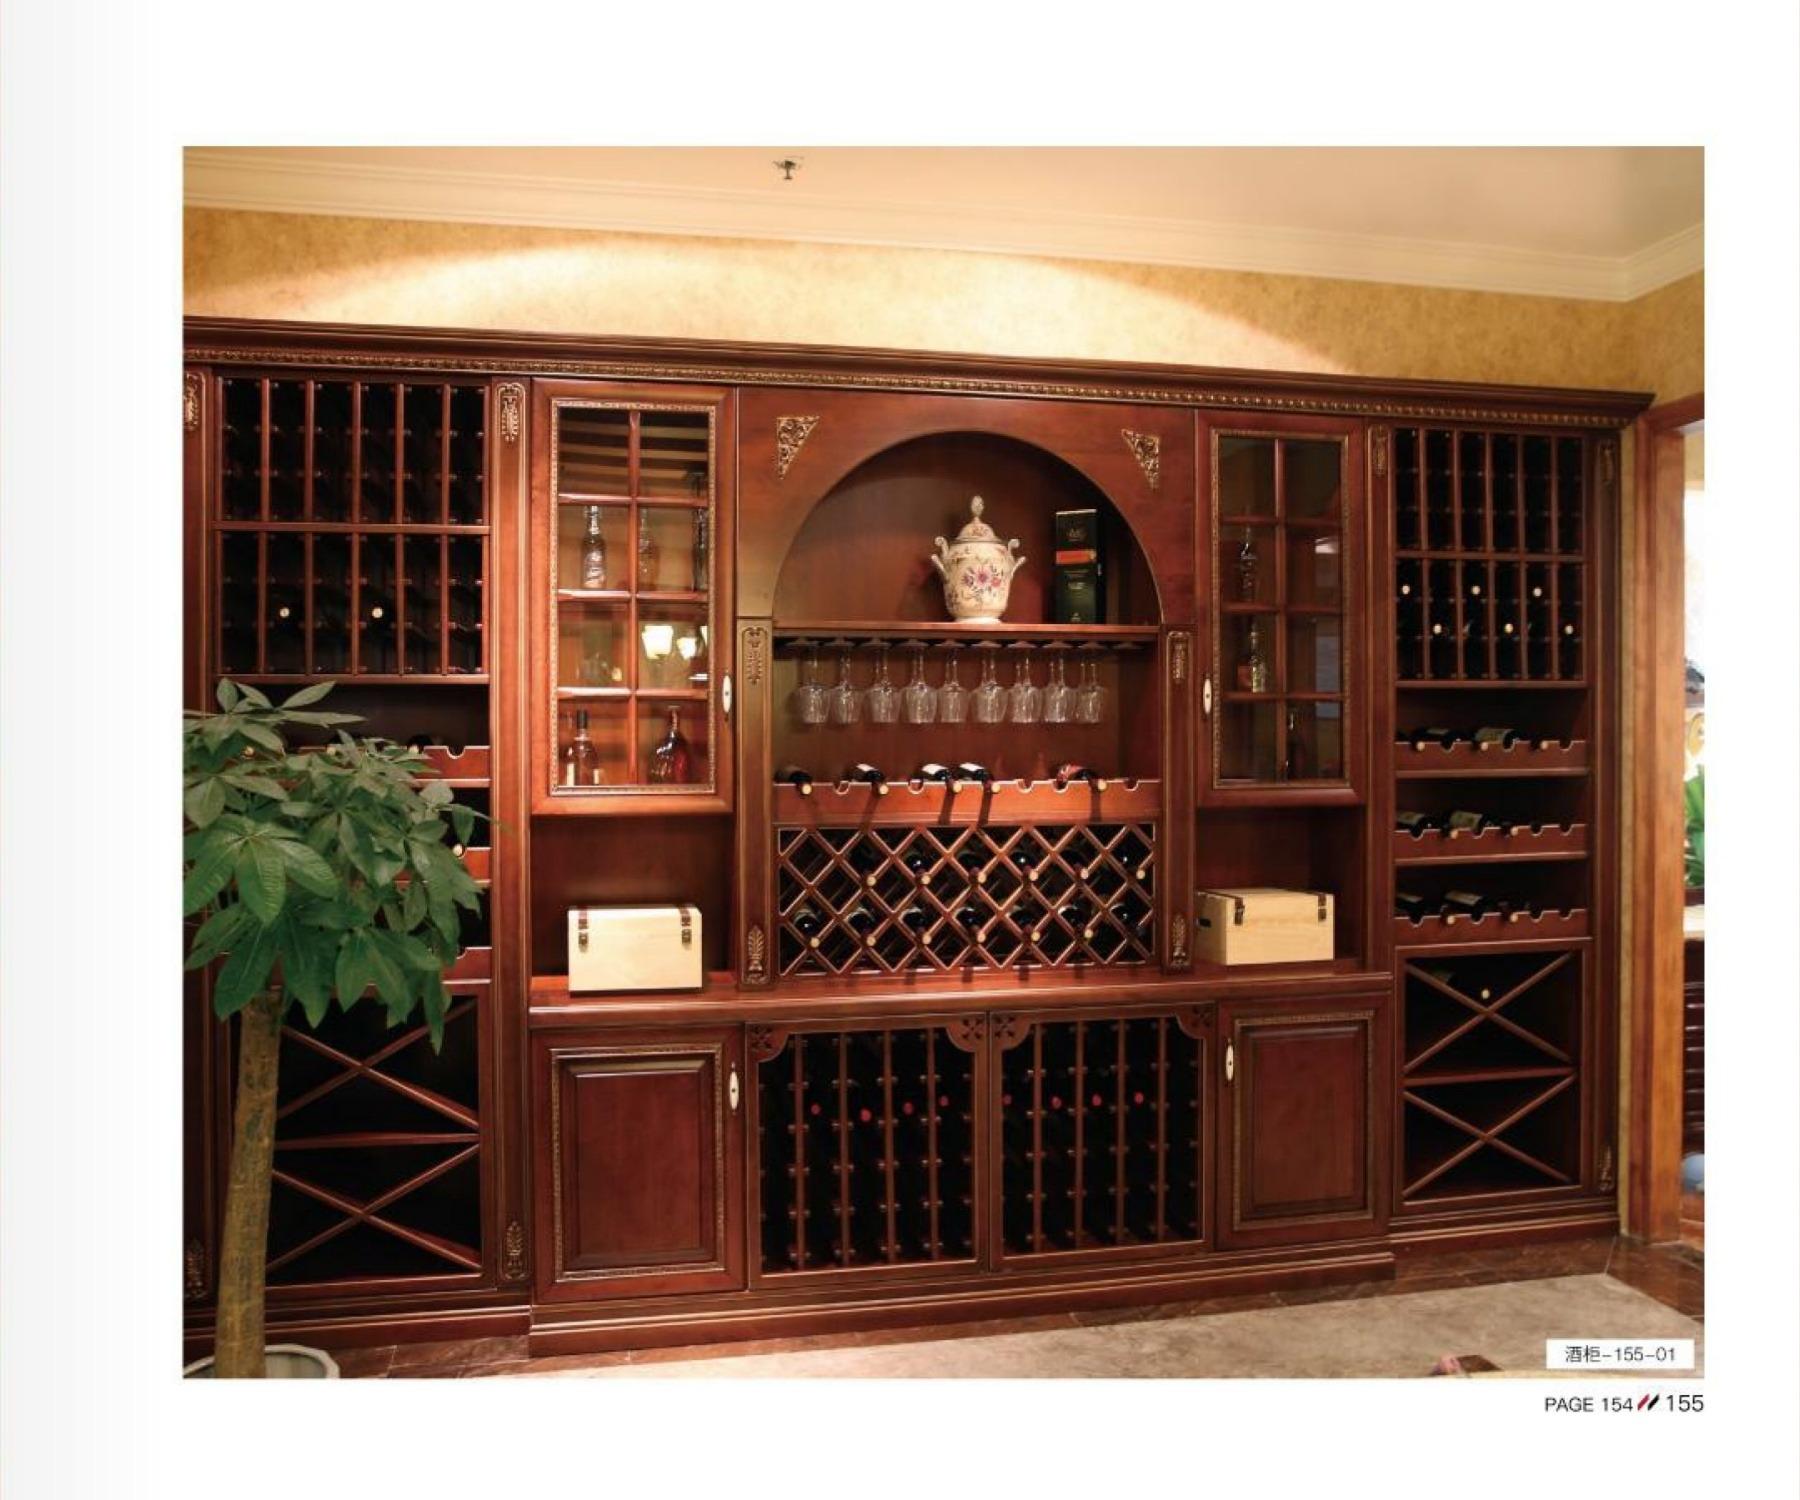 格兰伯爵酒柜定制  整体酒柜 个性化高端酒窖定制 实木酒柜 全屋家具定制